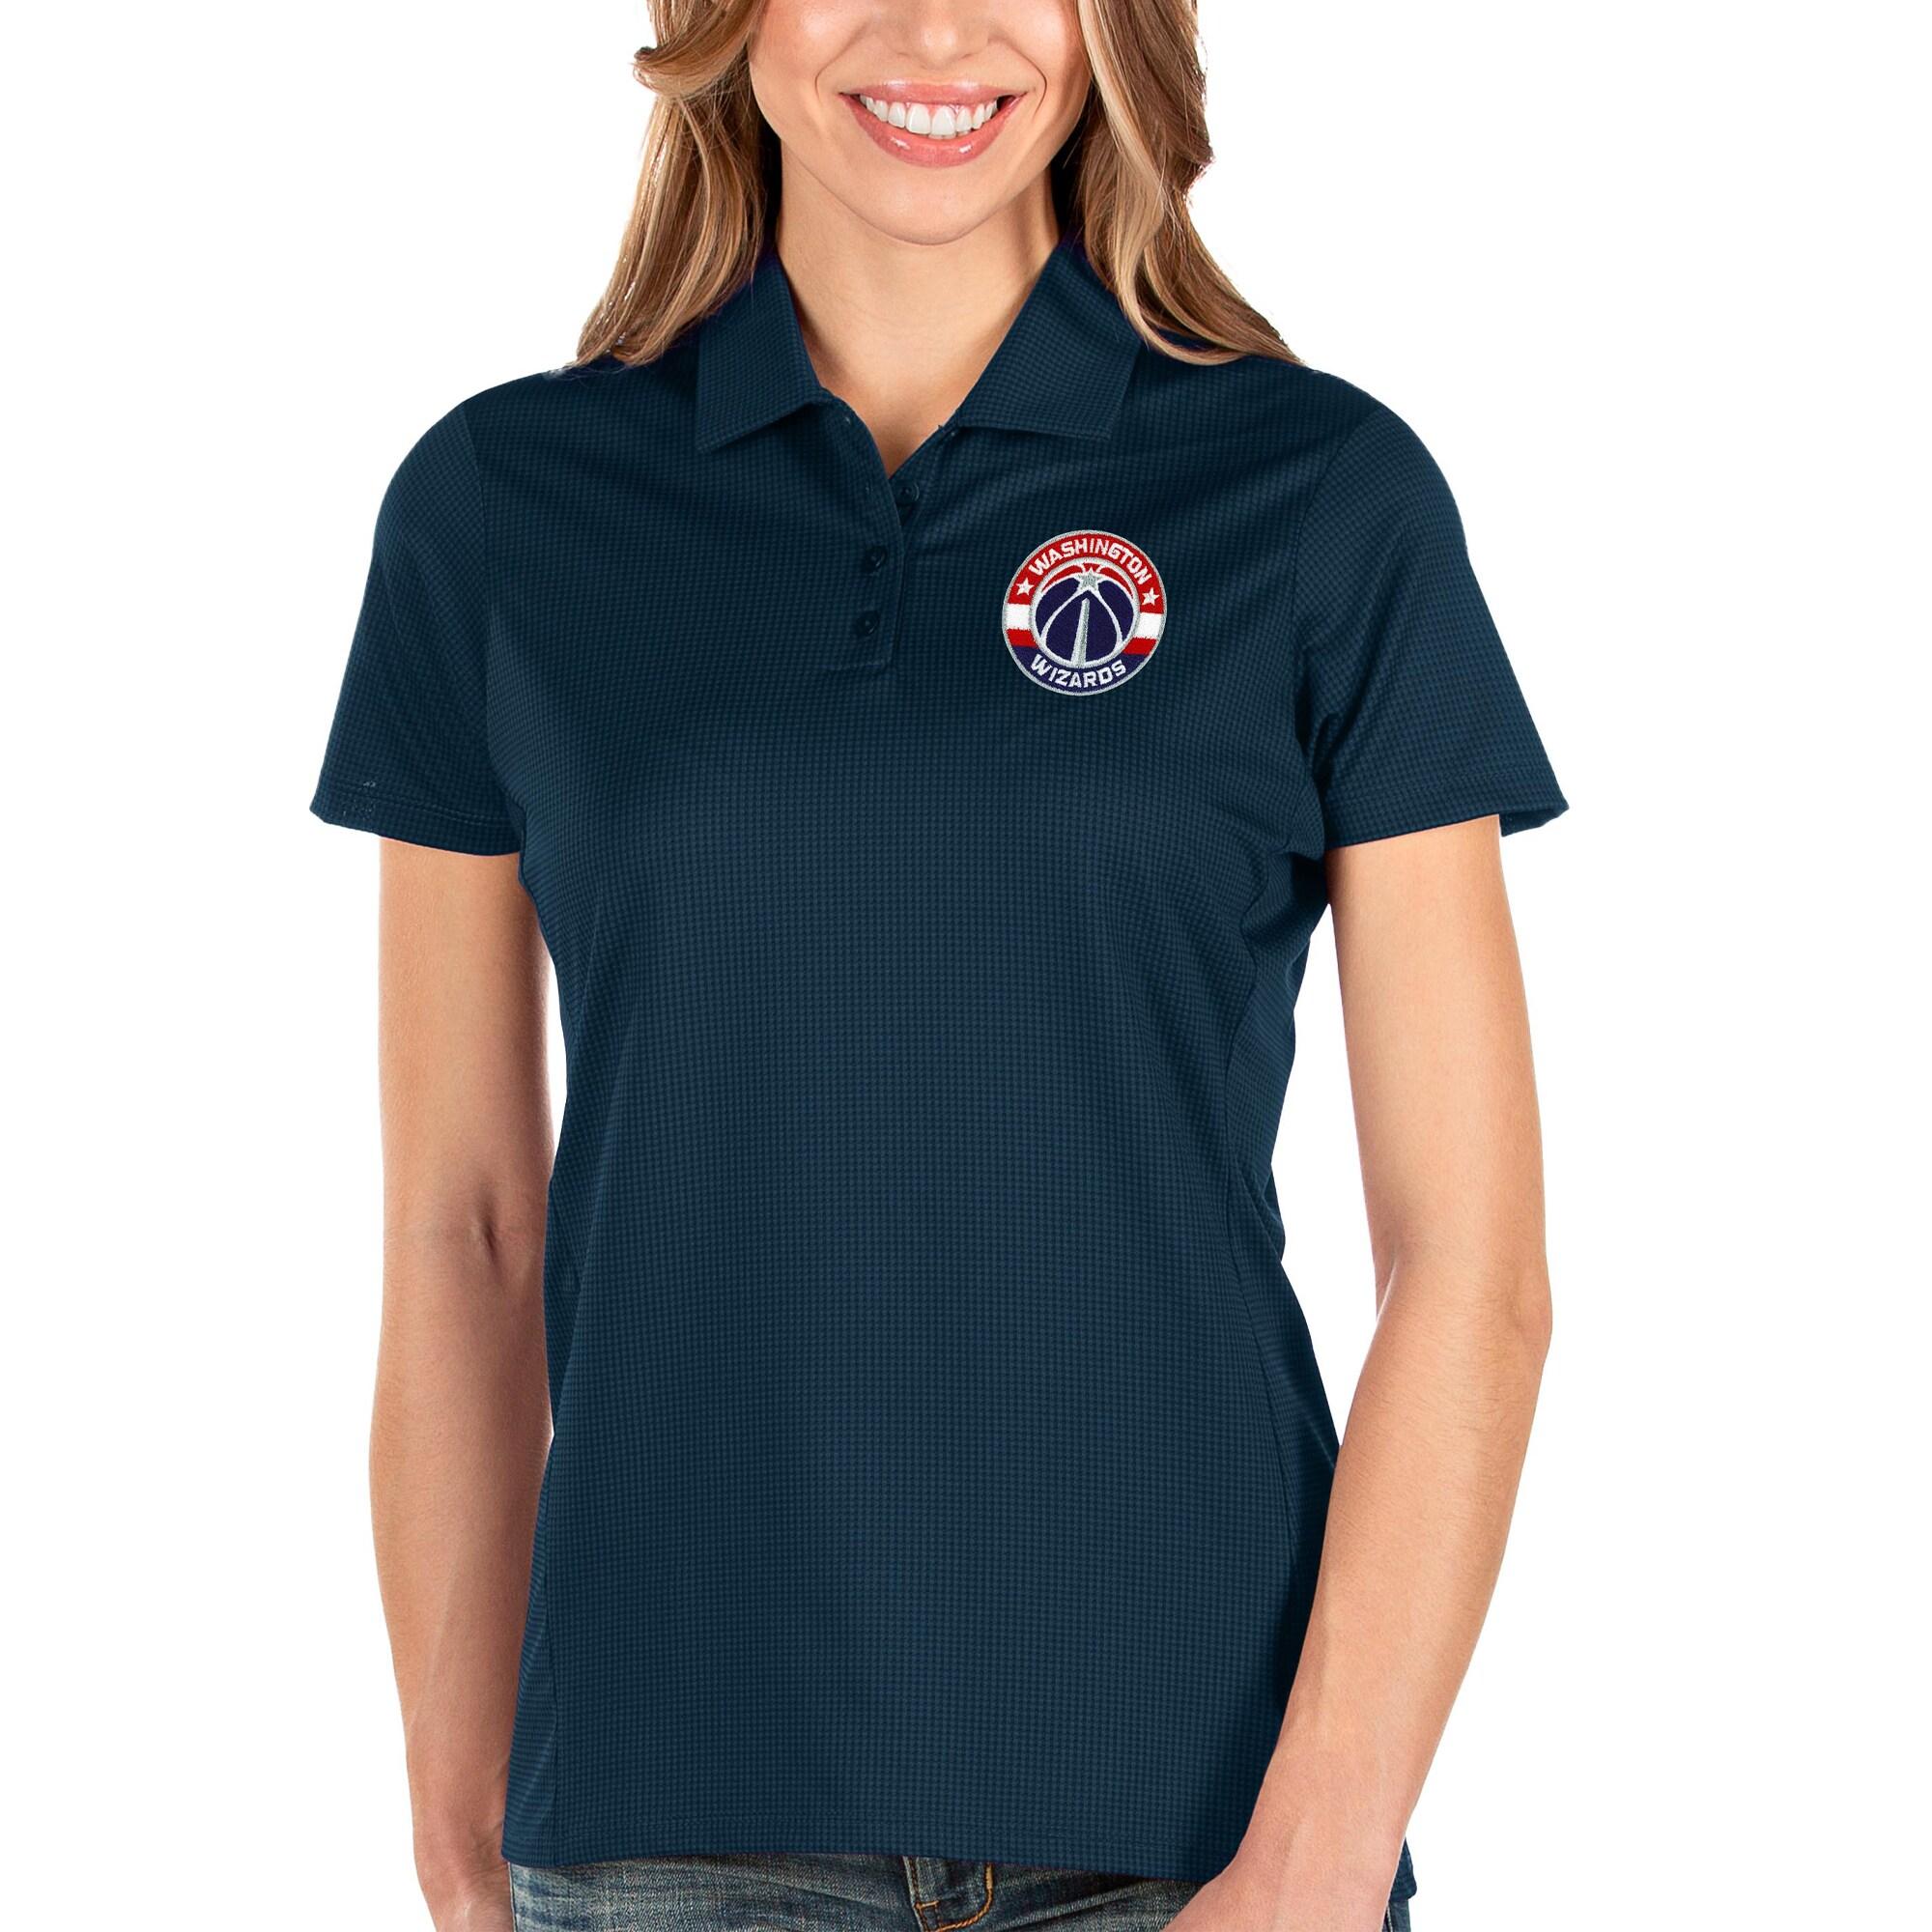 Washington Wizards Antigua Women's Balance Polo - Navy